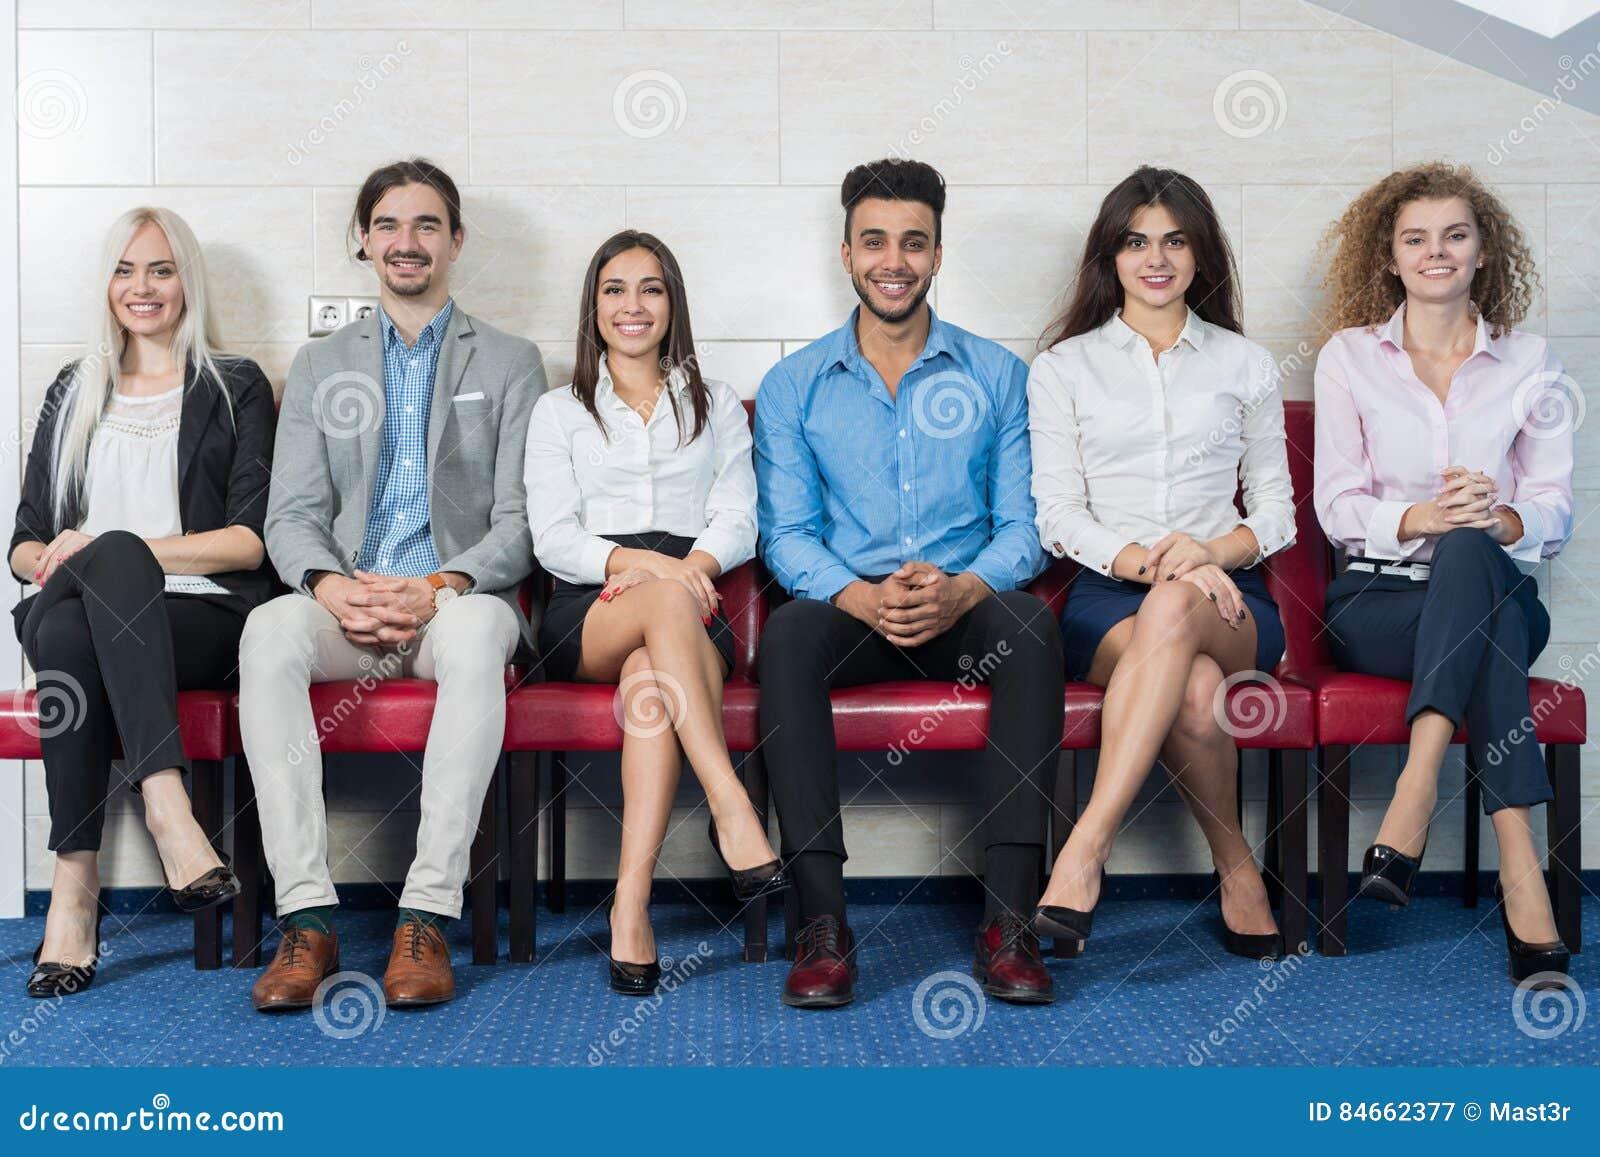 商人坐在线队列,买卖人人群补充等待的工作面试的小组会议